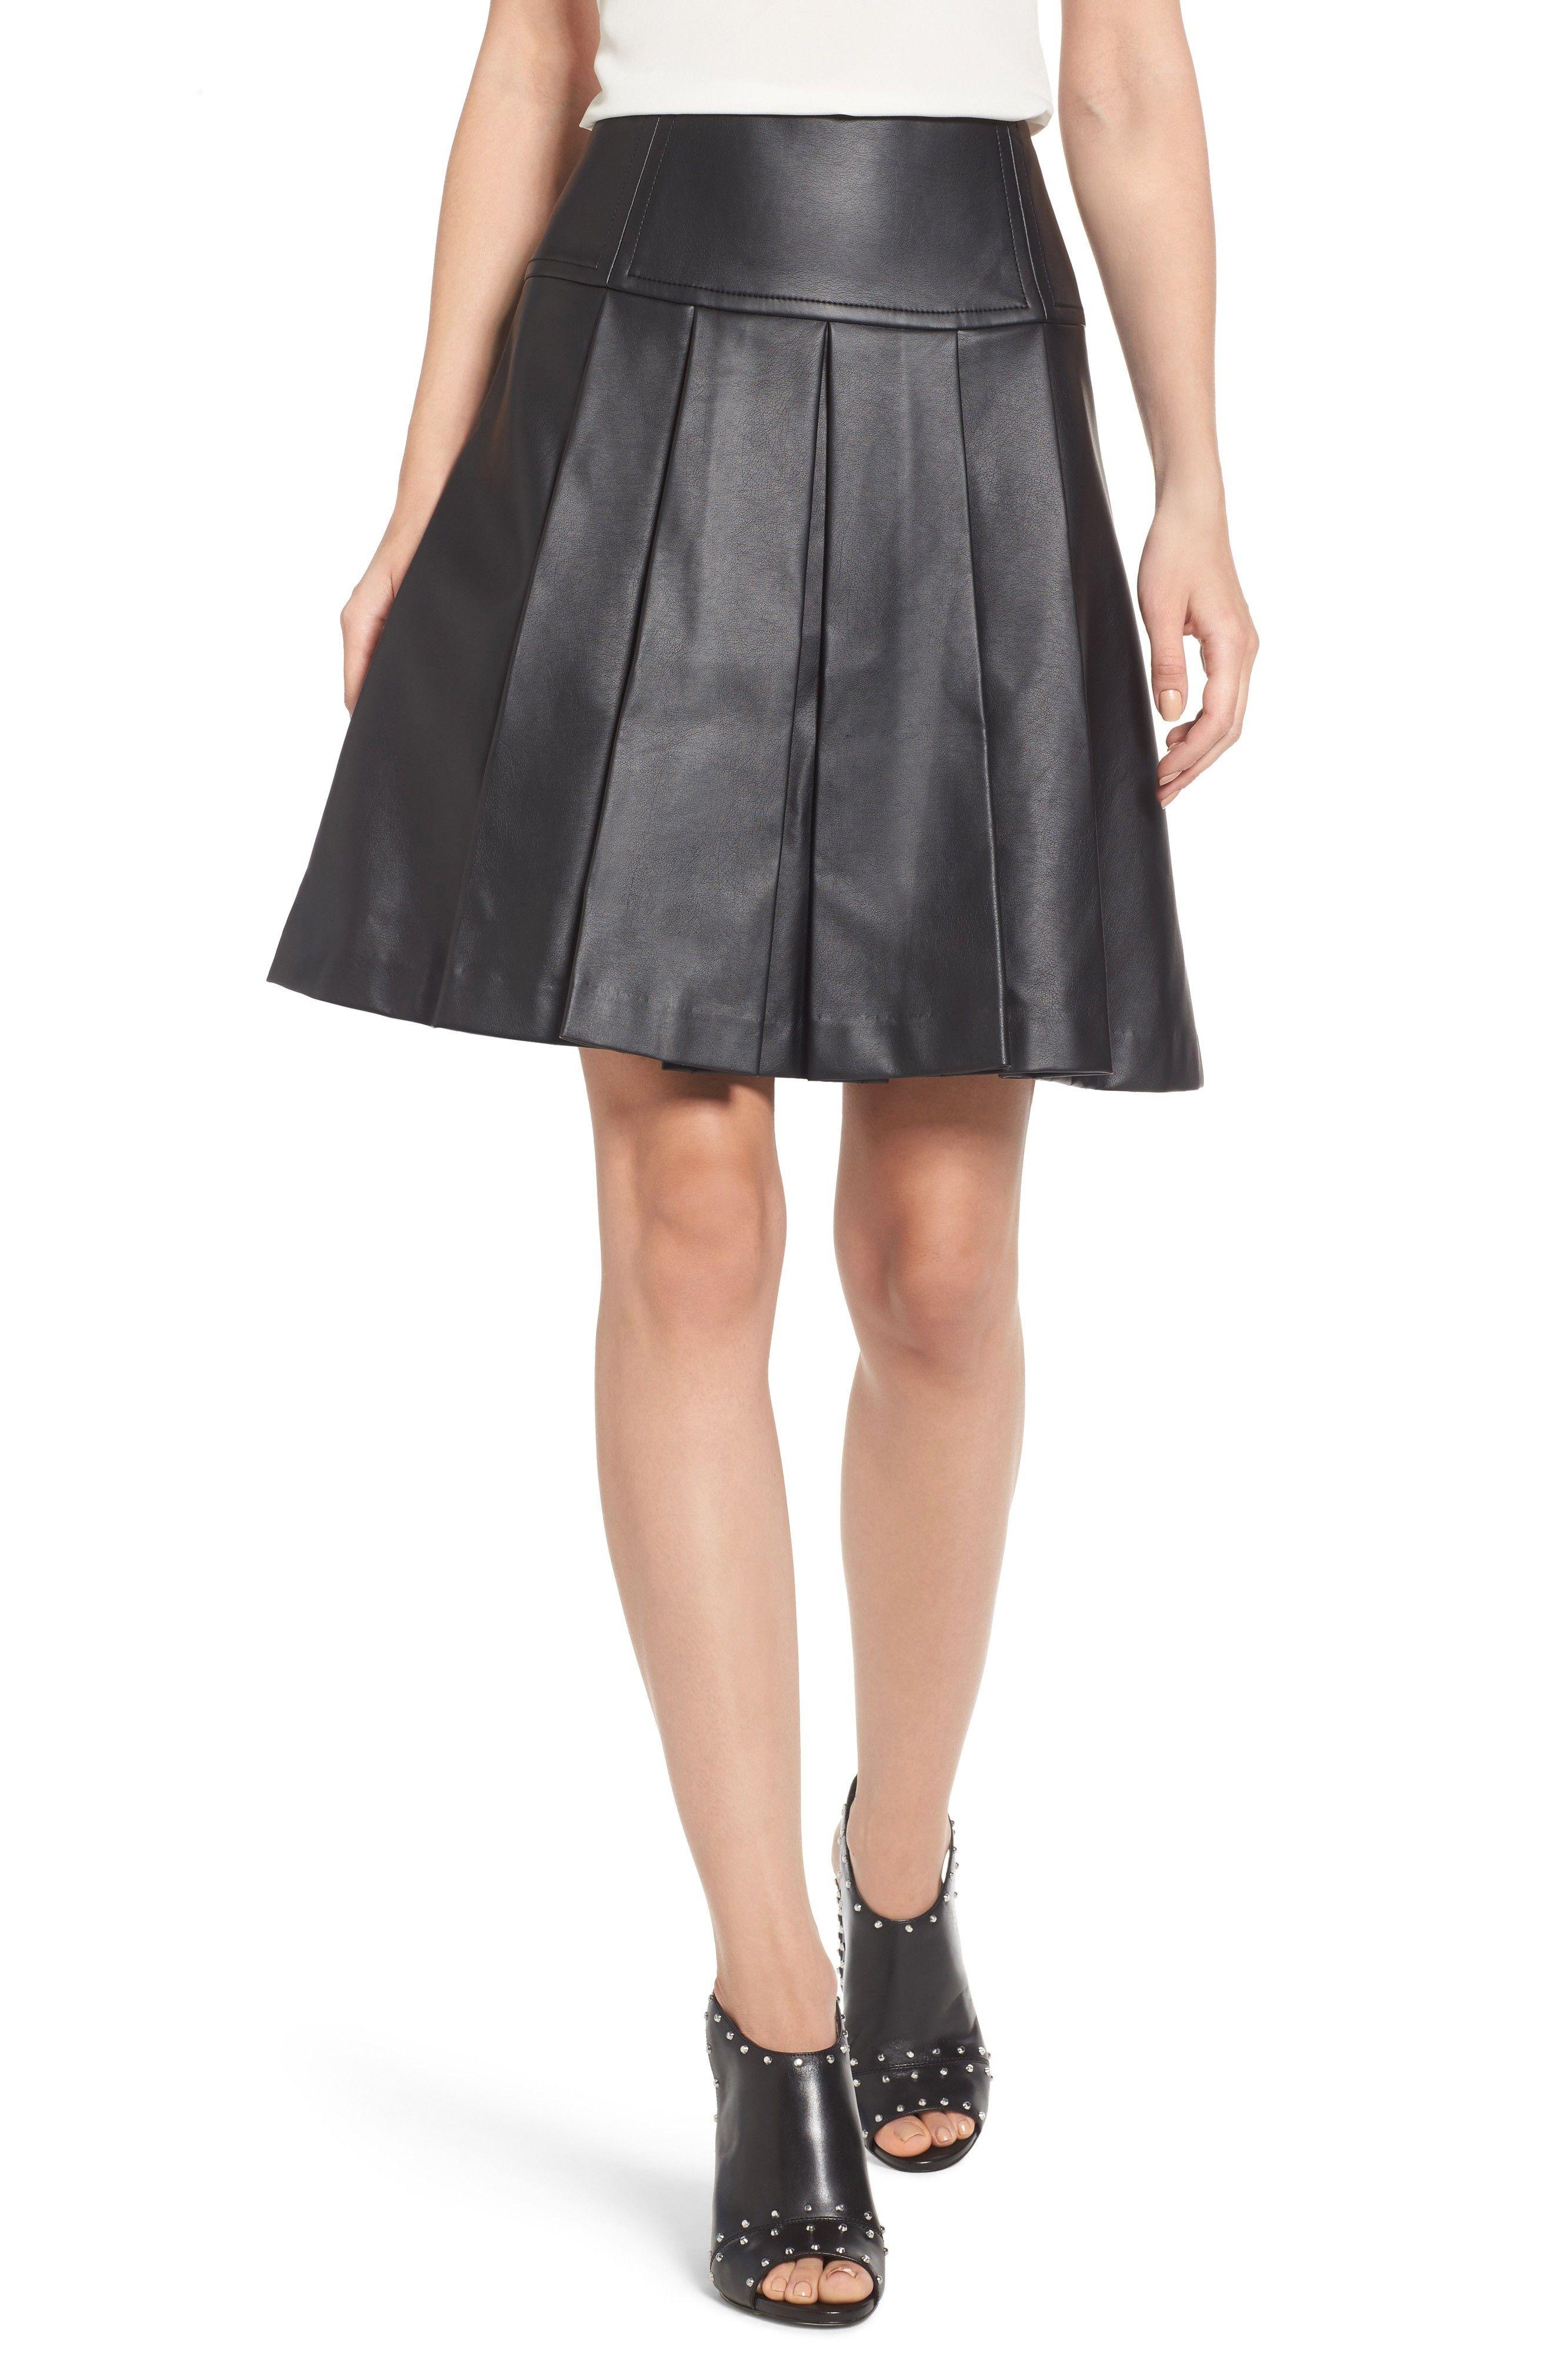 7d81863c7 Buy MICHAEL MICHAEL KORS Pleat Faux Leather Skirt online. [$98] SKU  ACEX66771PUXI81243